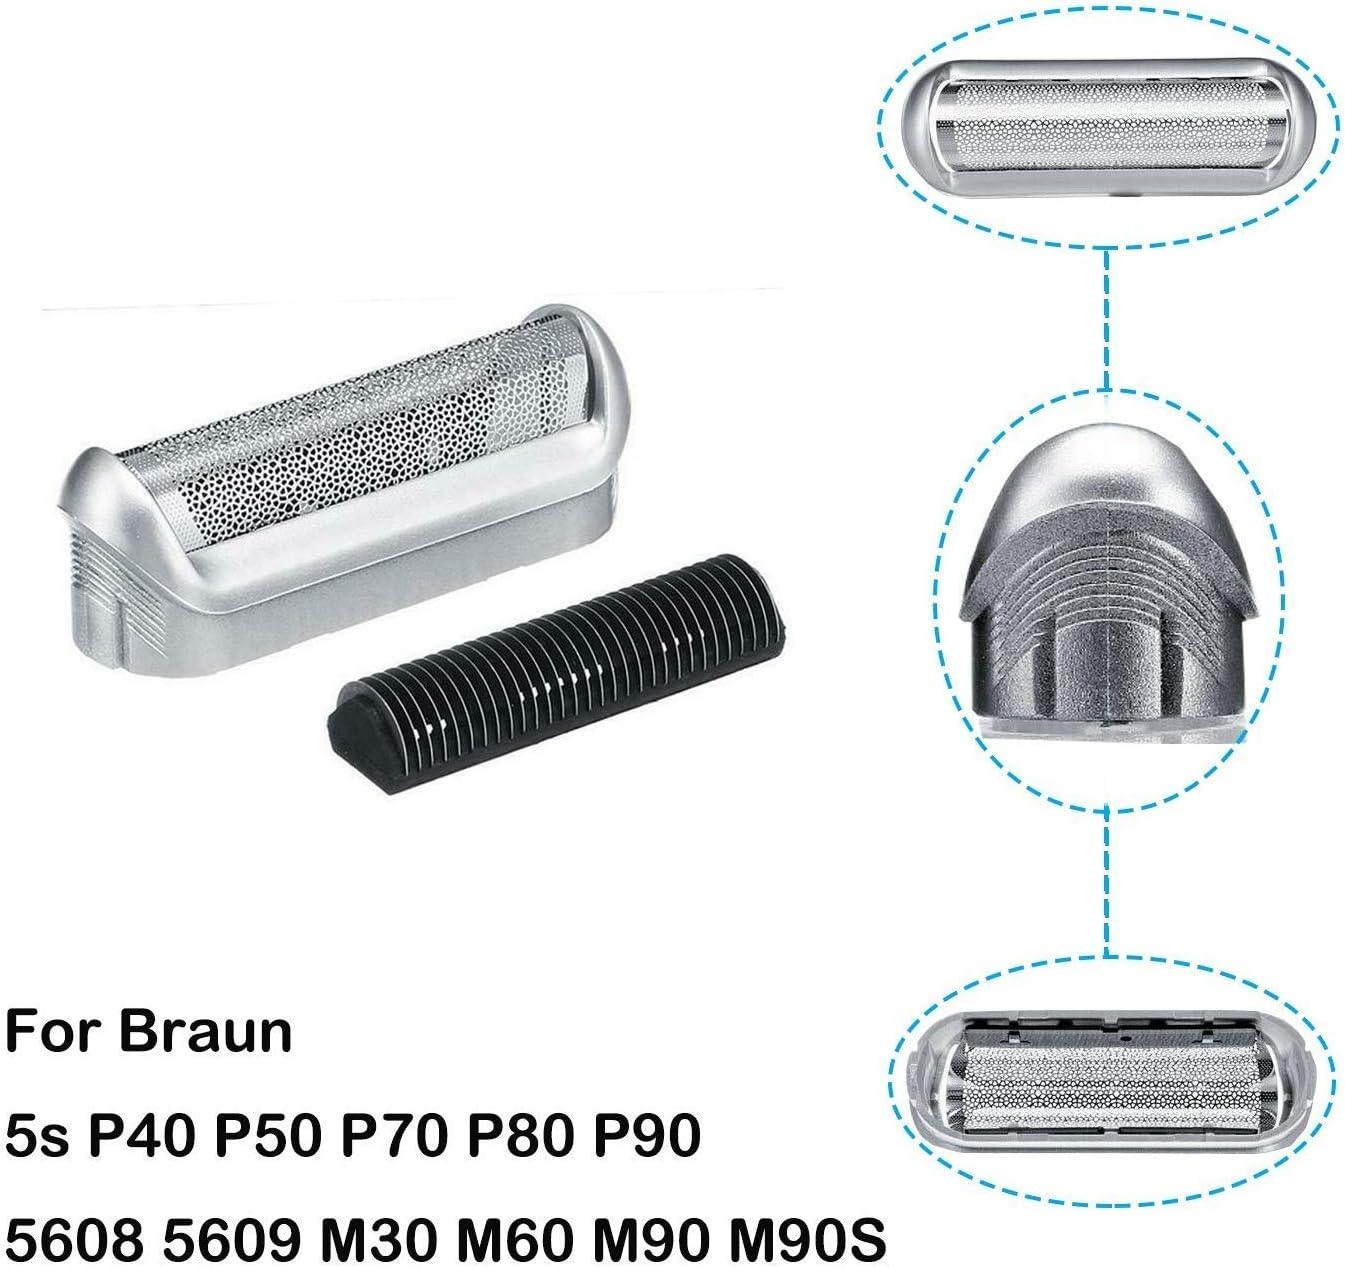 5S Cabezales de Afeitado para Braun Afeitadora Eléctrica Hombre ...